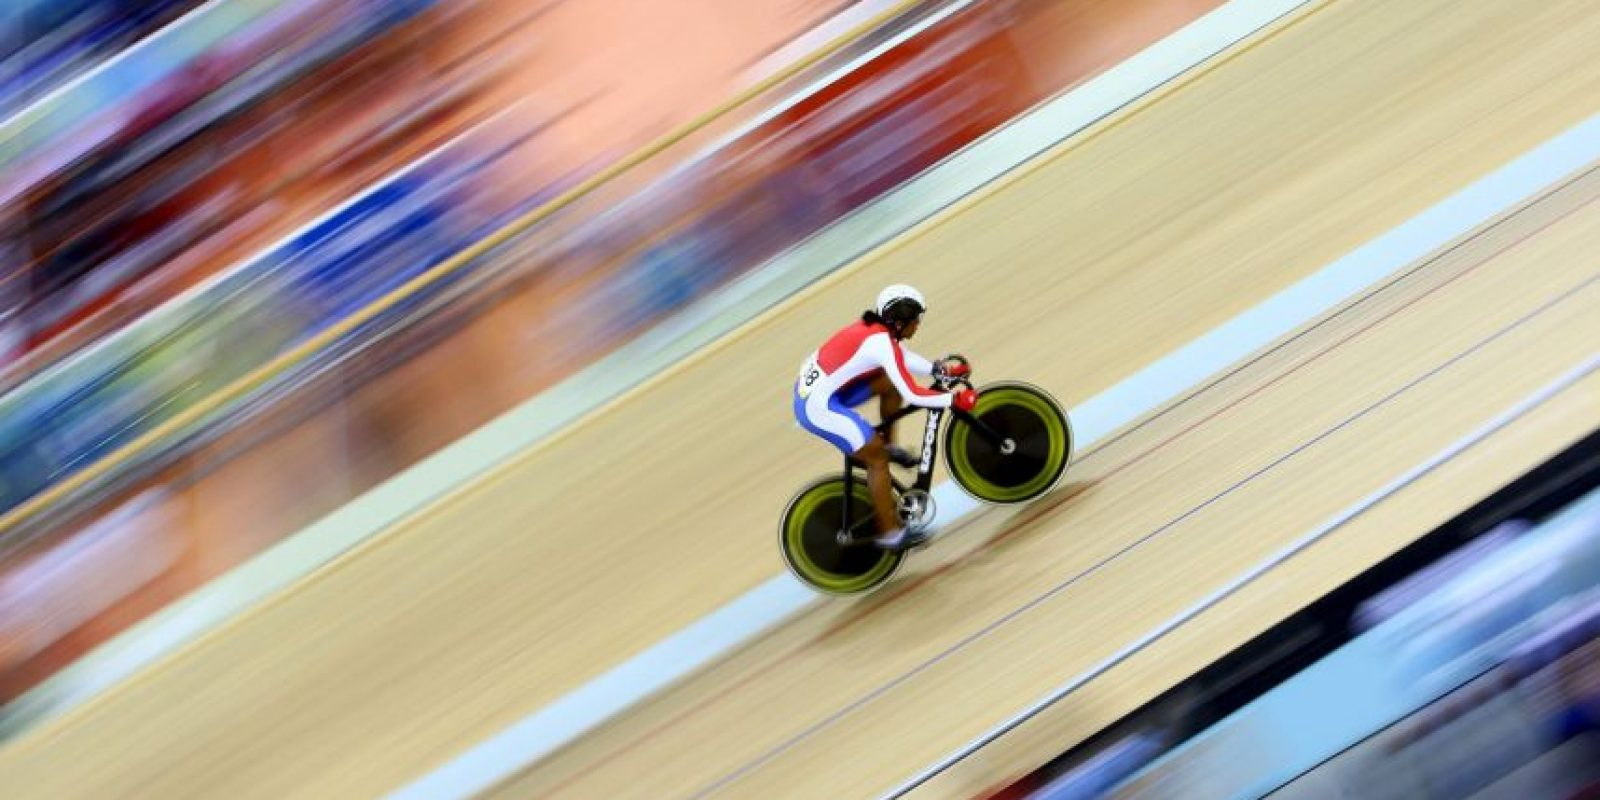 Ganó una medalla de bronce en los mundiales de ciclismo de este año. Foto:Getty Images